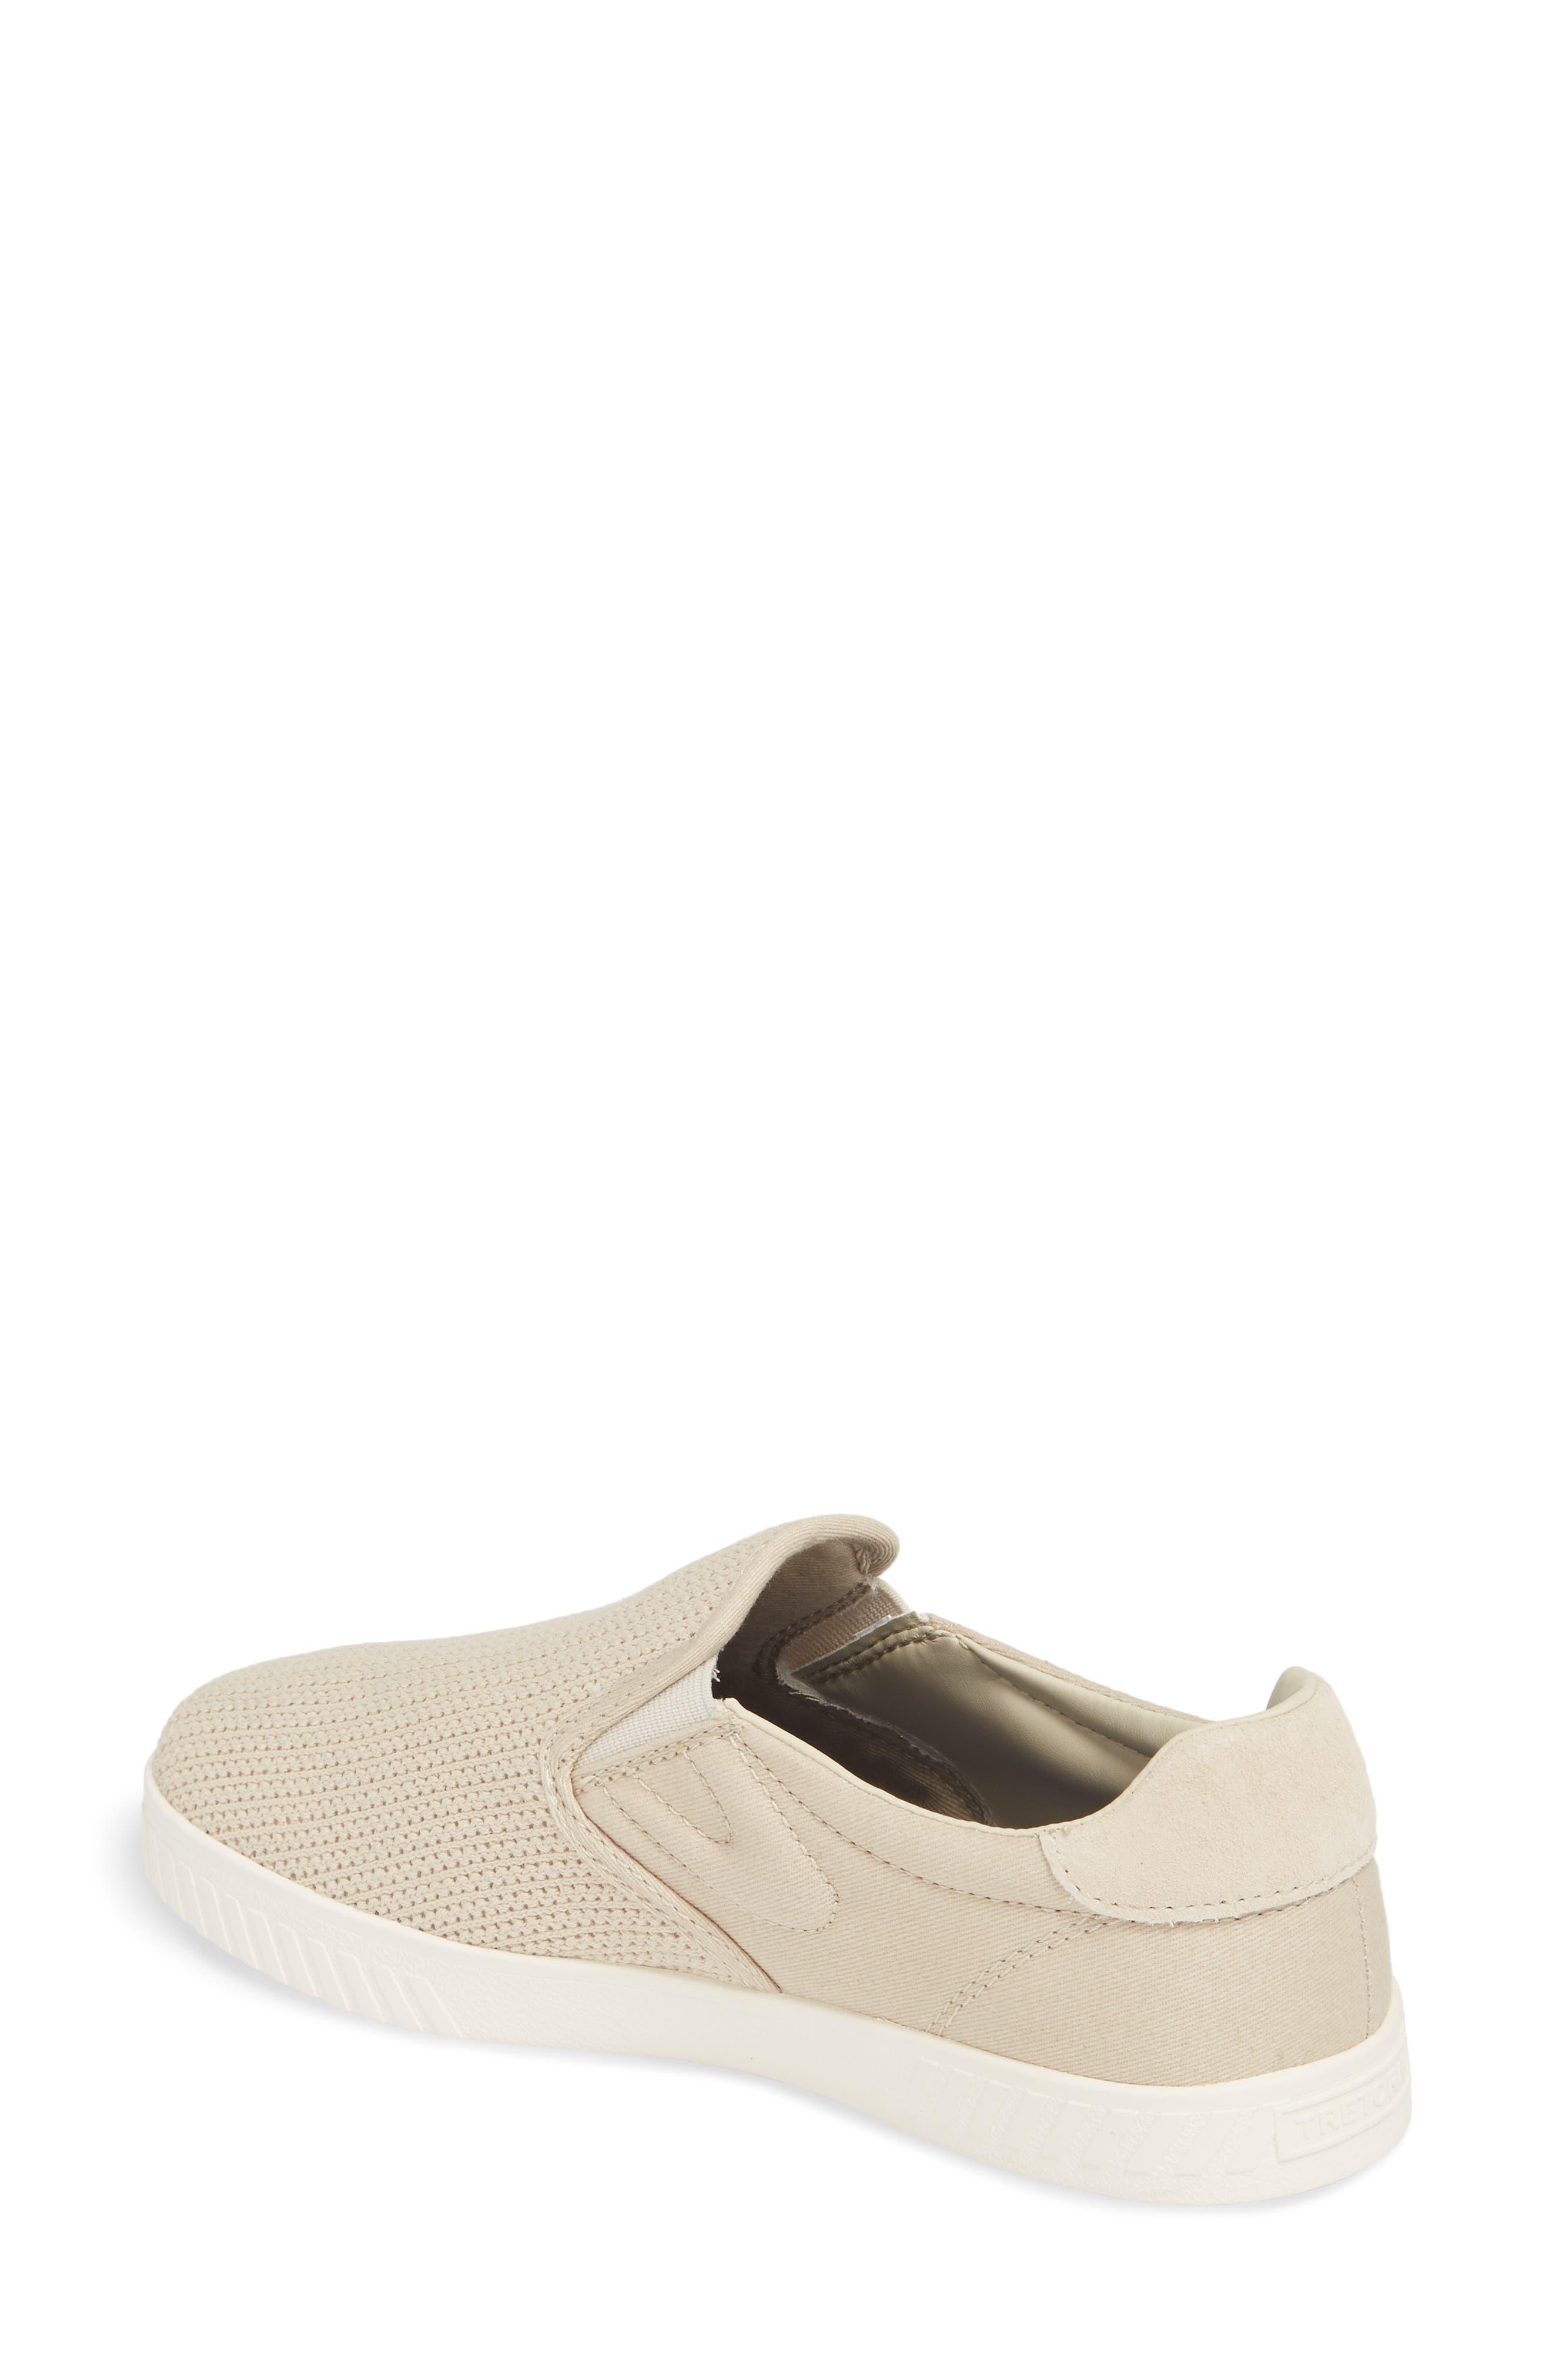 Cruz Mesh Slip-On Sneaker,                             Alternate thumbnail 2, color,                             Sand